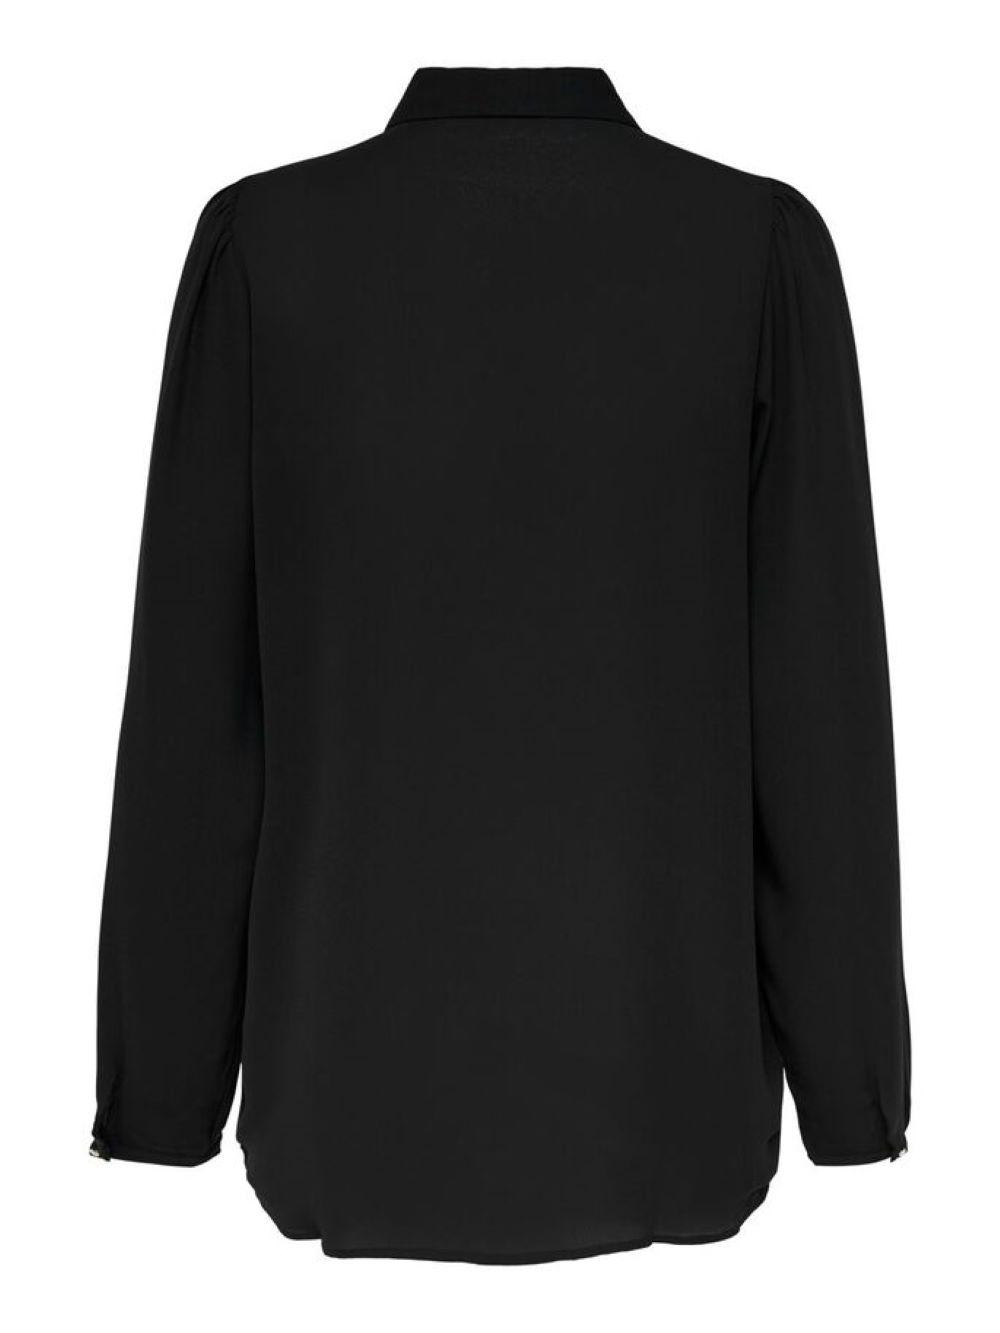 ONLCLOUD LS SHIRT WVN ONLY | Shirt | 15212794BLACK